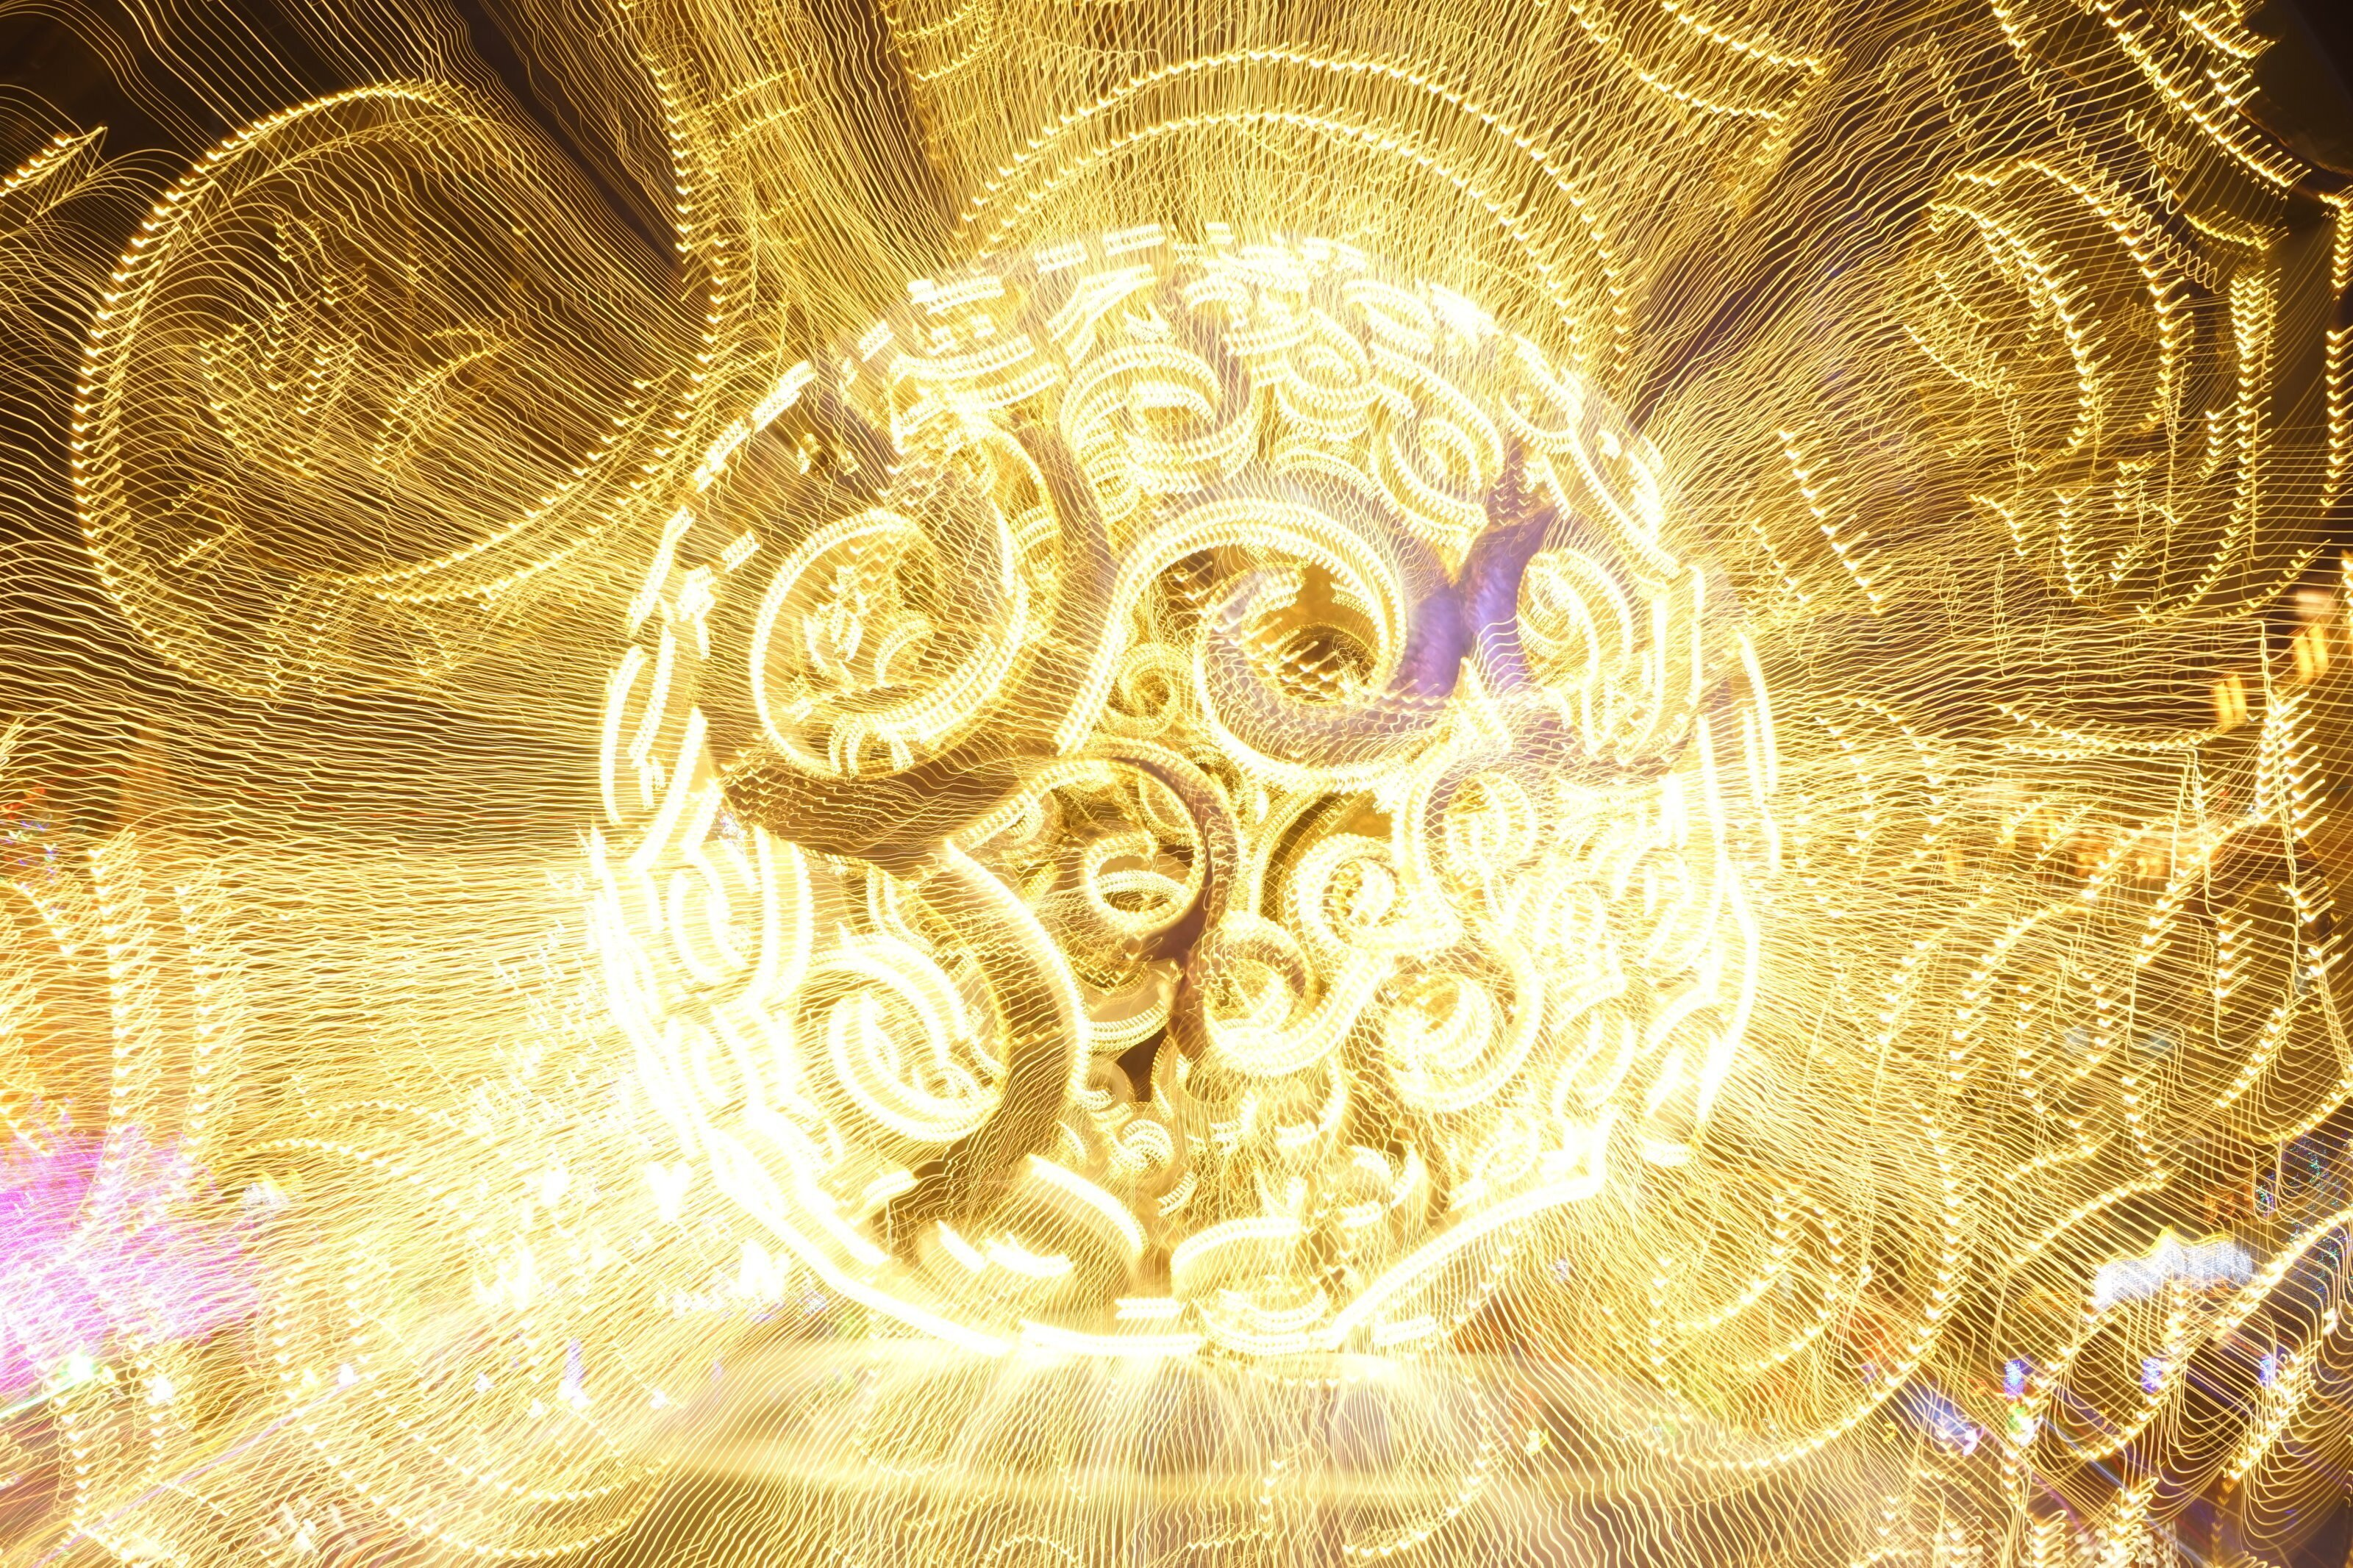 催眠治疗技巧之金色光球观想